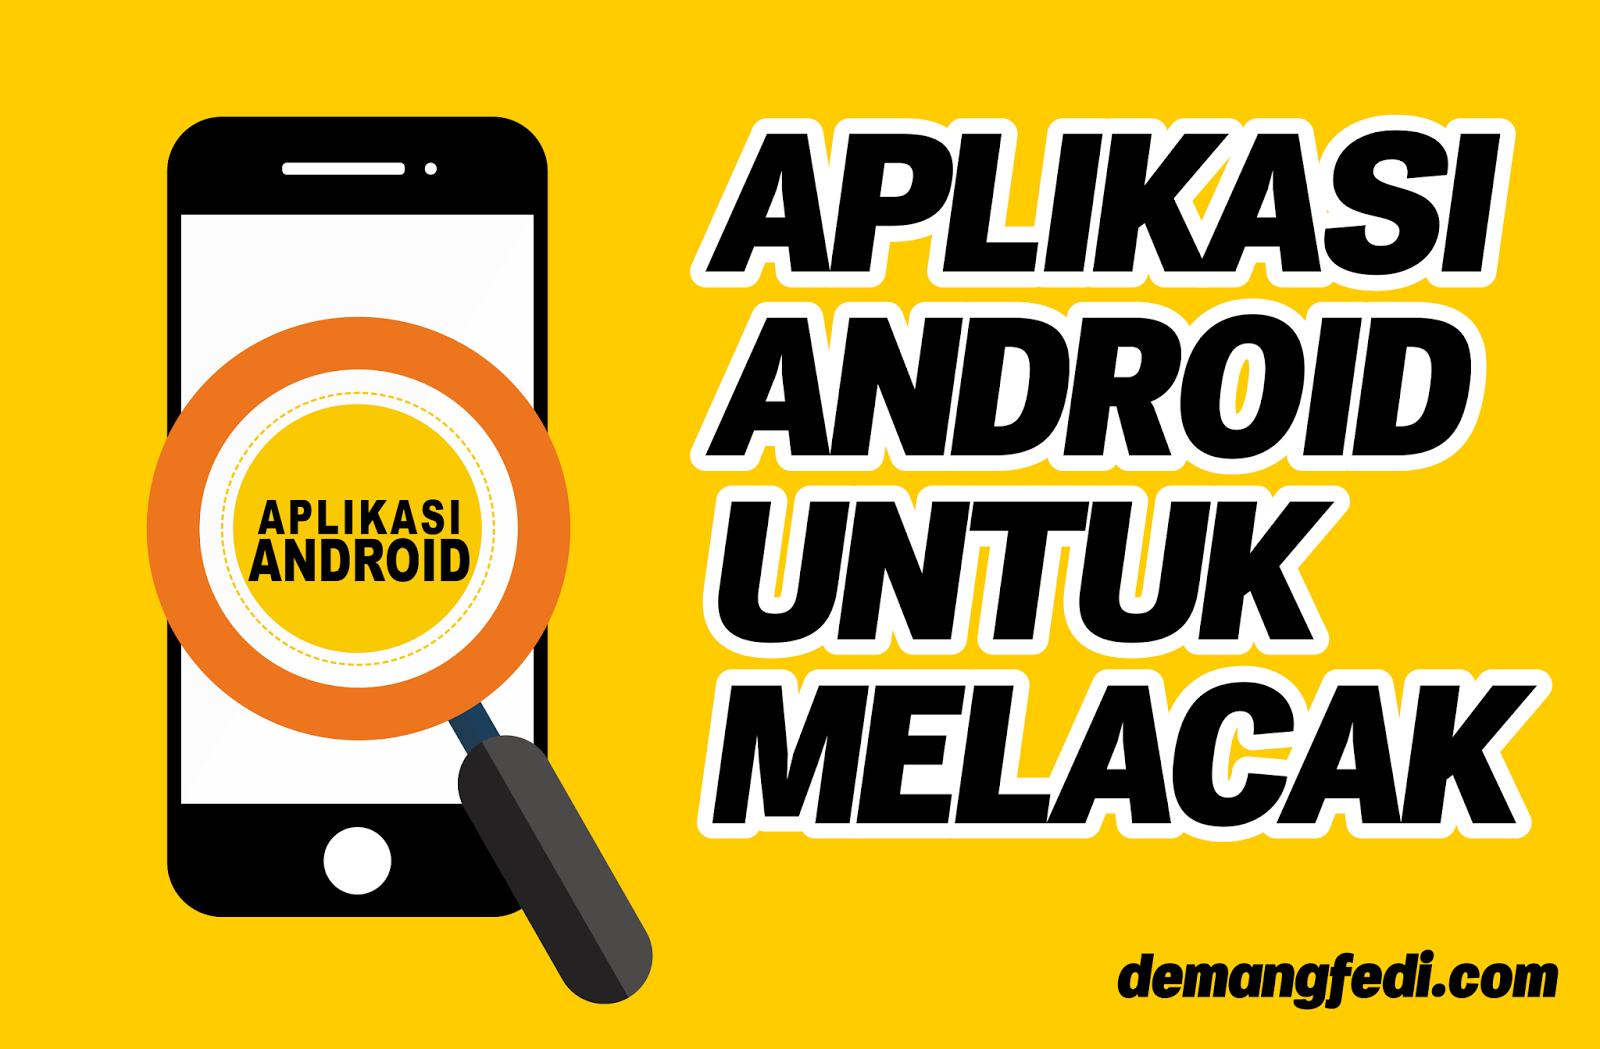 Aplikasi Android Untuk Melacak Orang